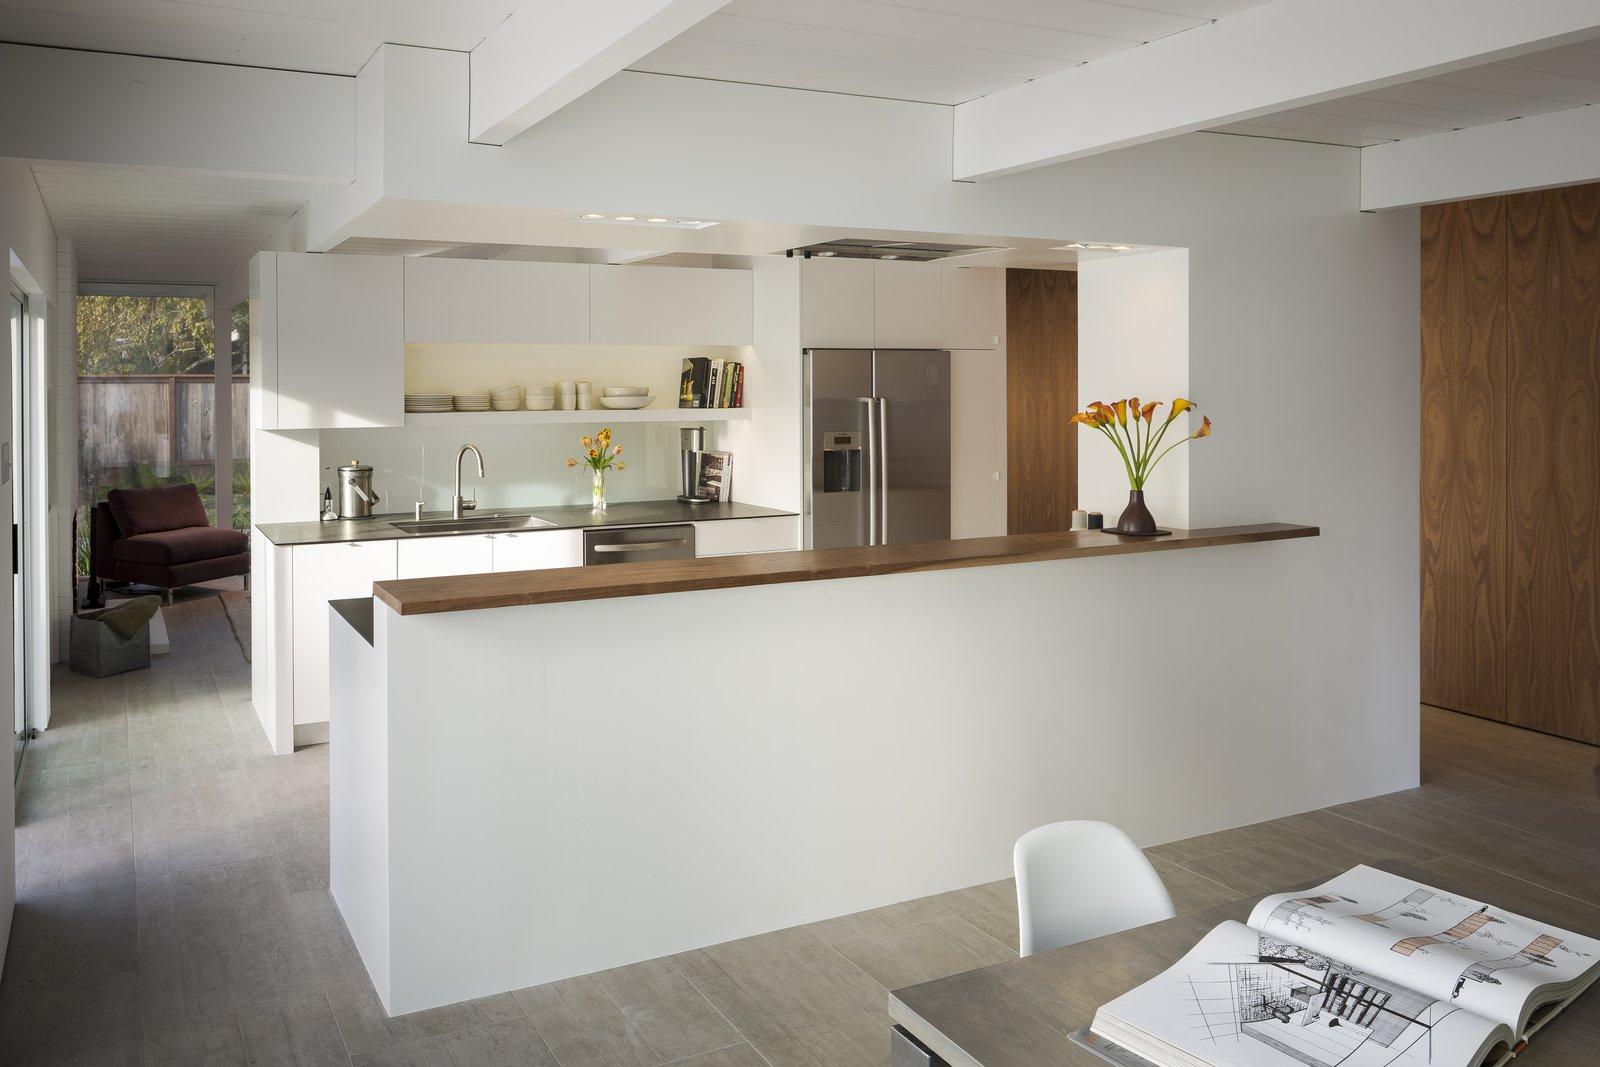 Marinwood Eichler by building Lab